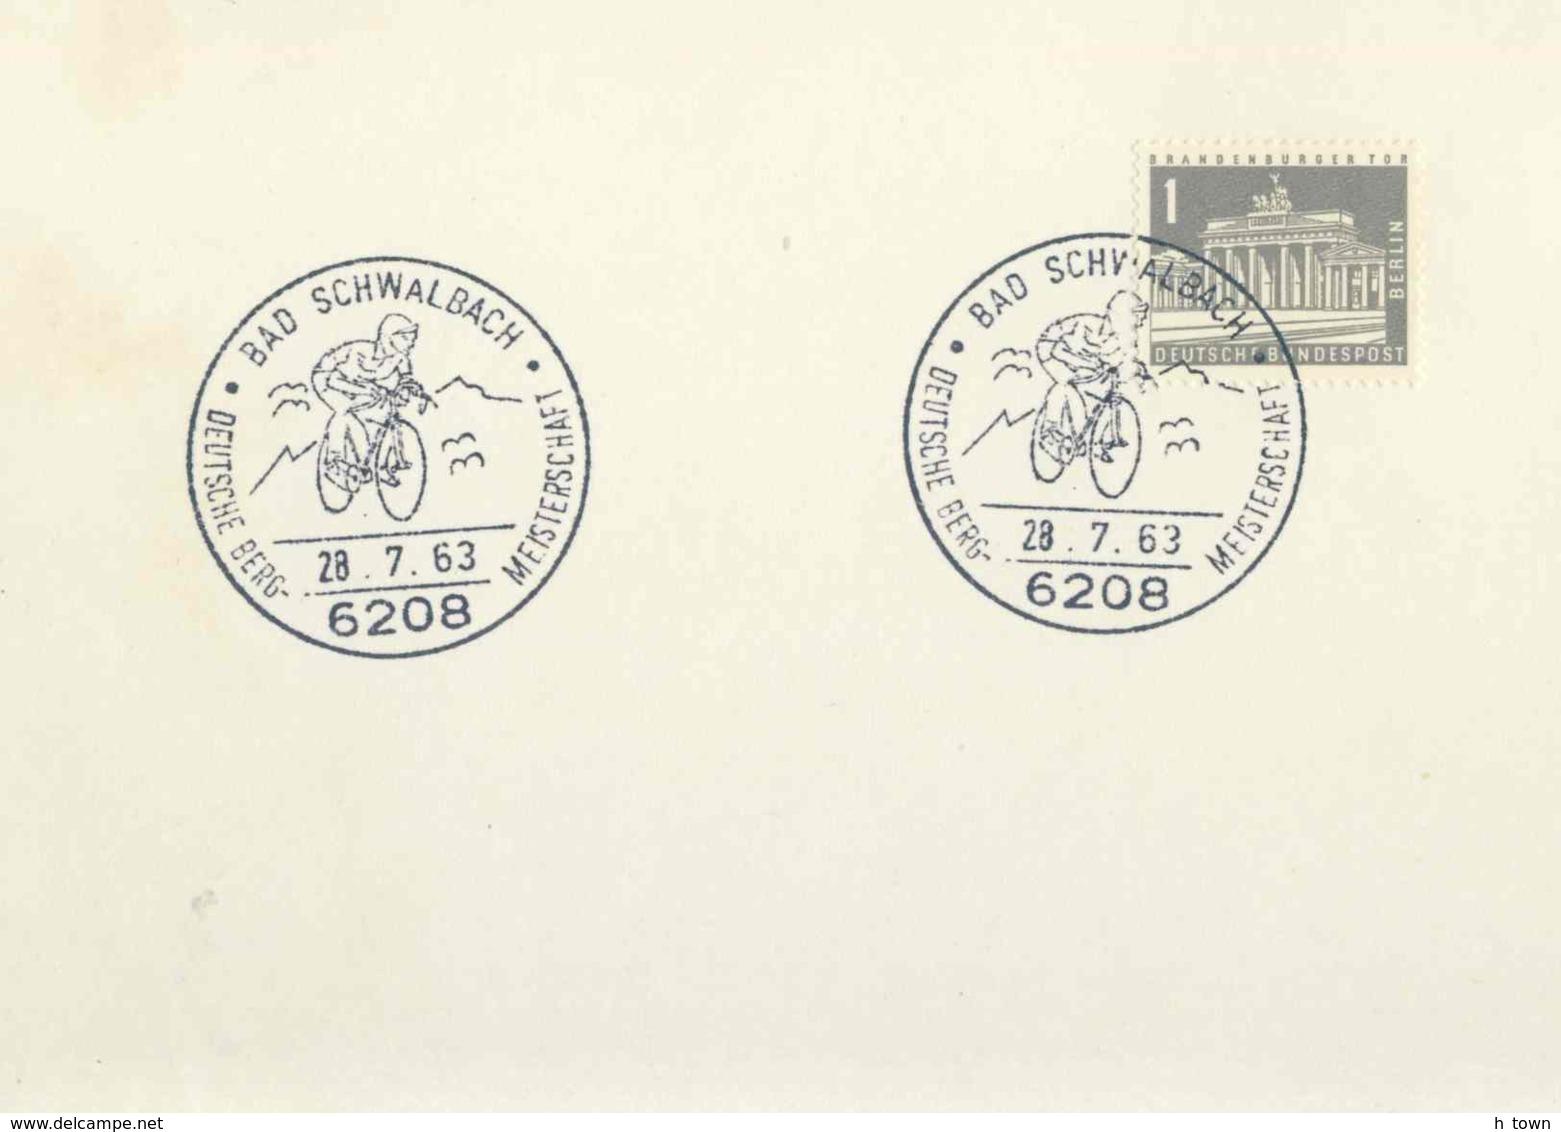 7188  Course De Cyclisme: Oblit. Temp. D'Allemagne, 1963 -  Cycling Mountain Race. Bicycle Vélo - Radsport